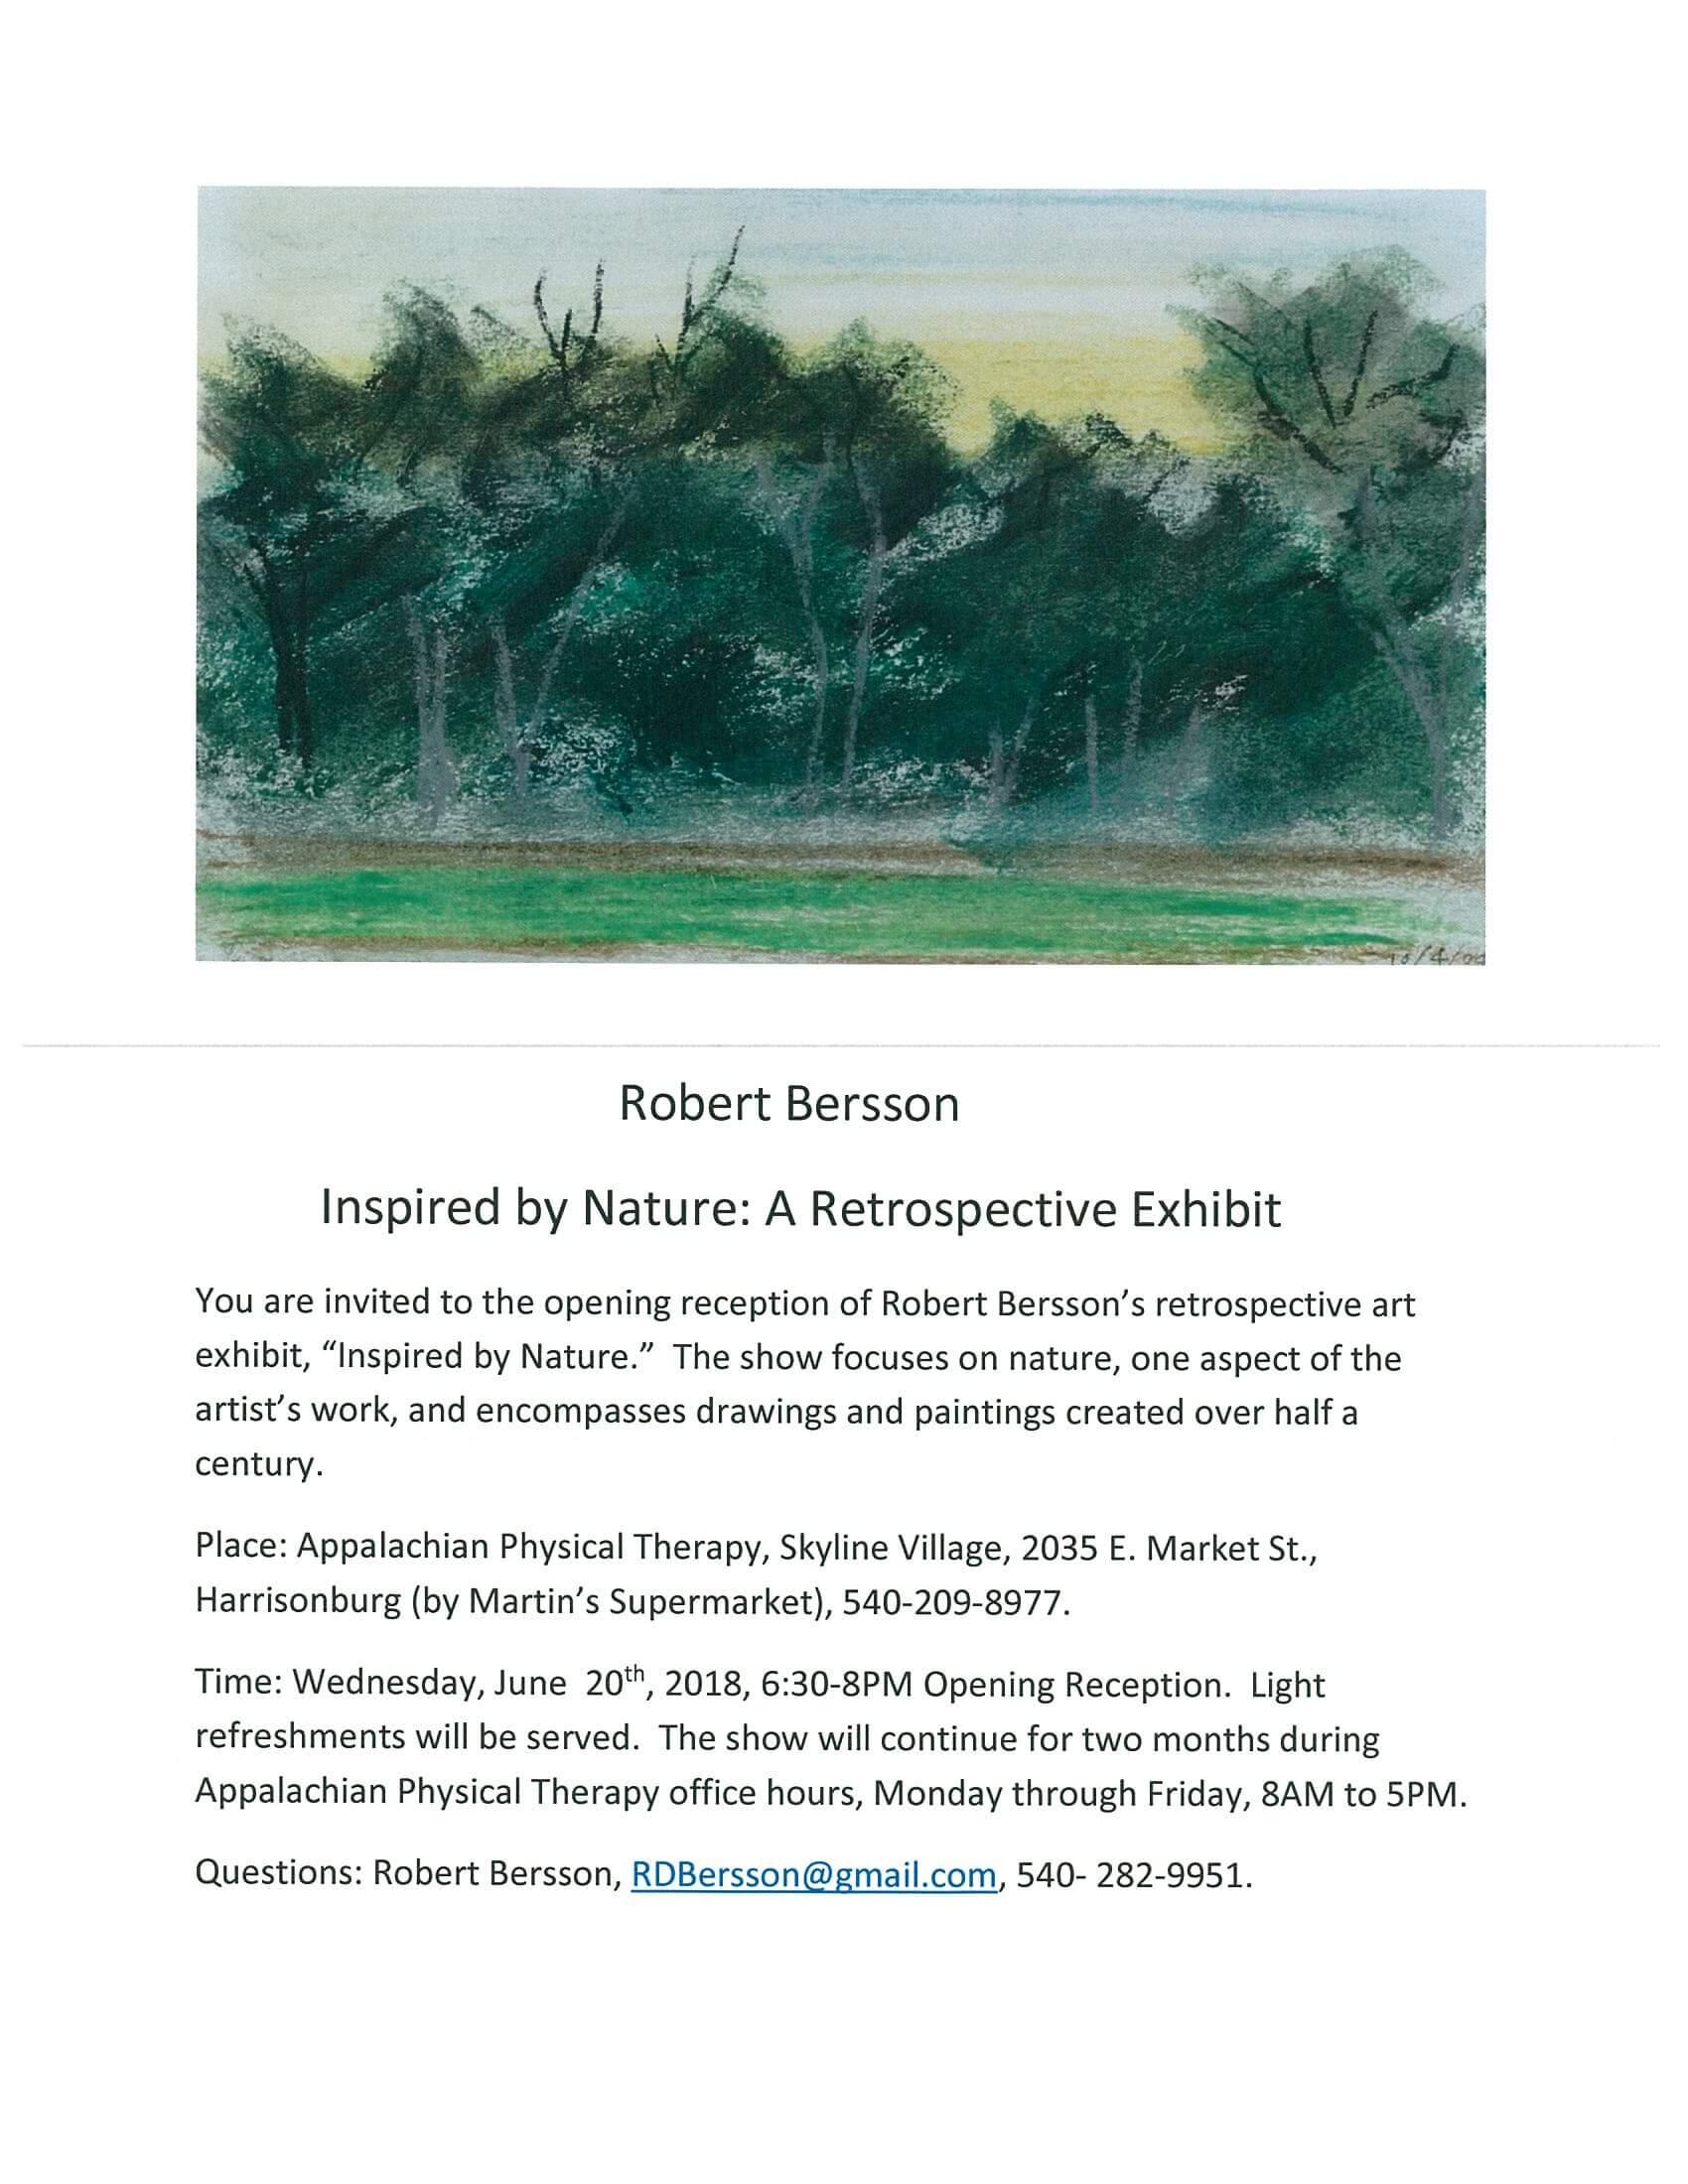 Robert Bersson